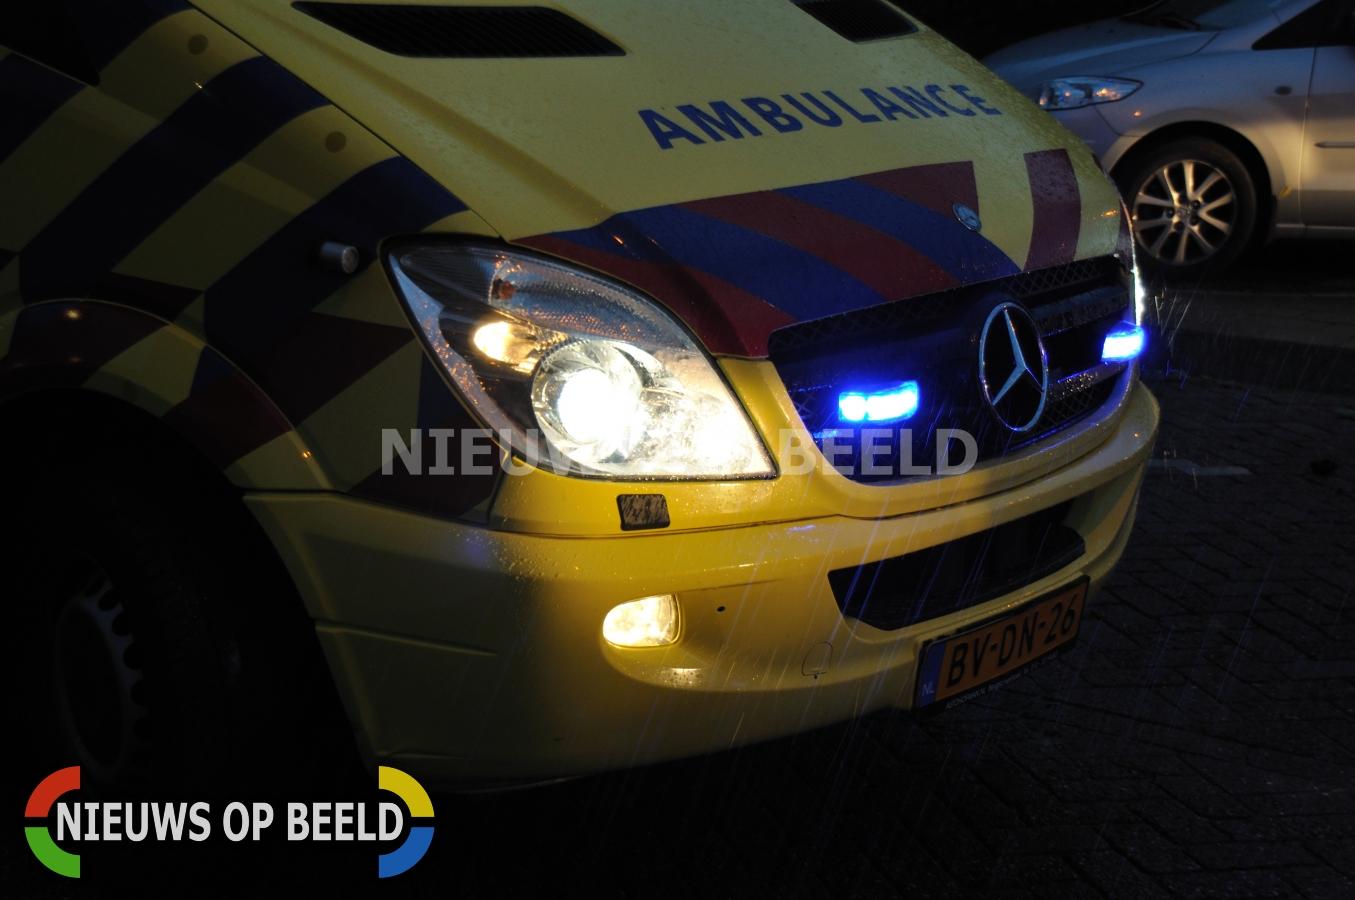 Gezin raakt gewond nadat bestuurder controle over wagen verliest en over de kop slaat A58 bij Oirschot